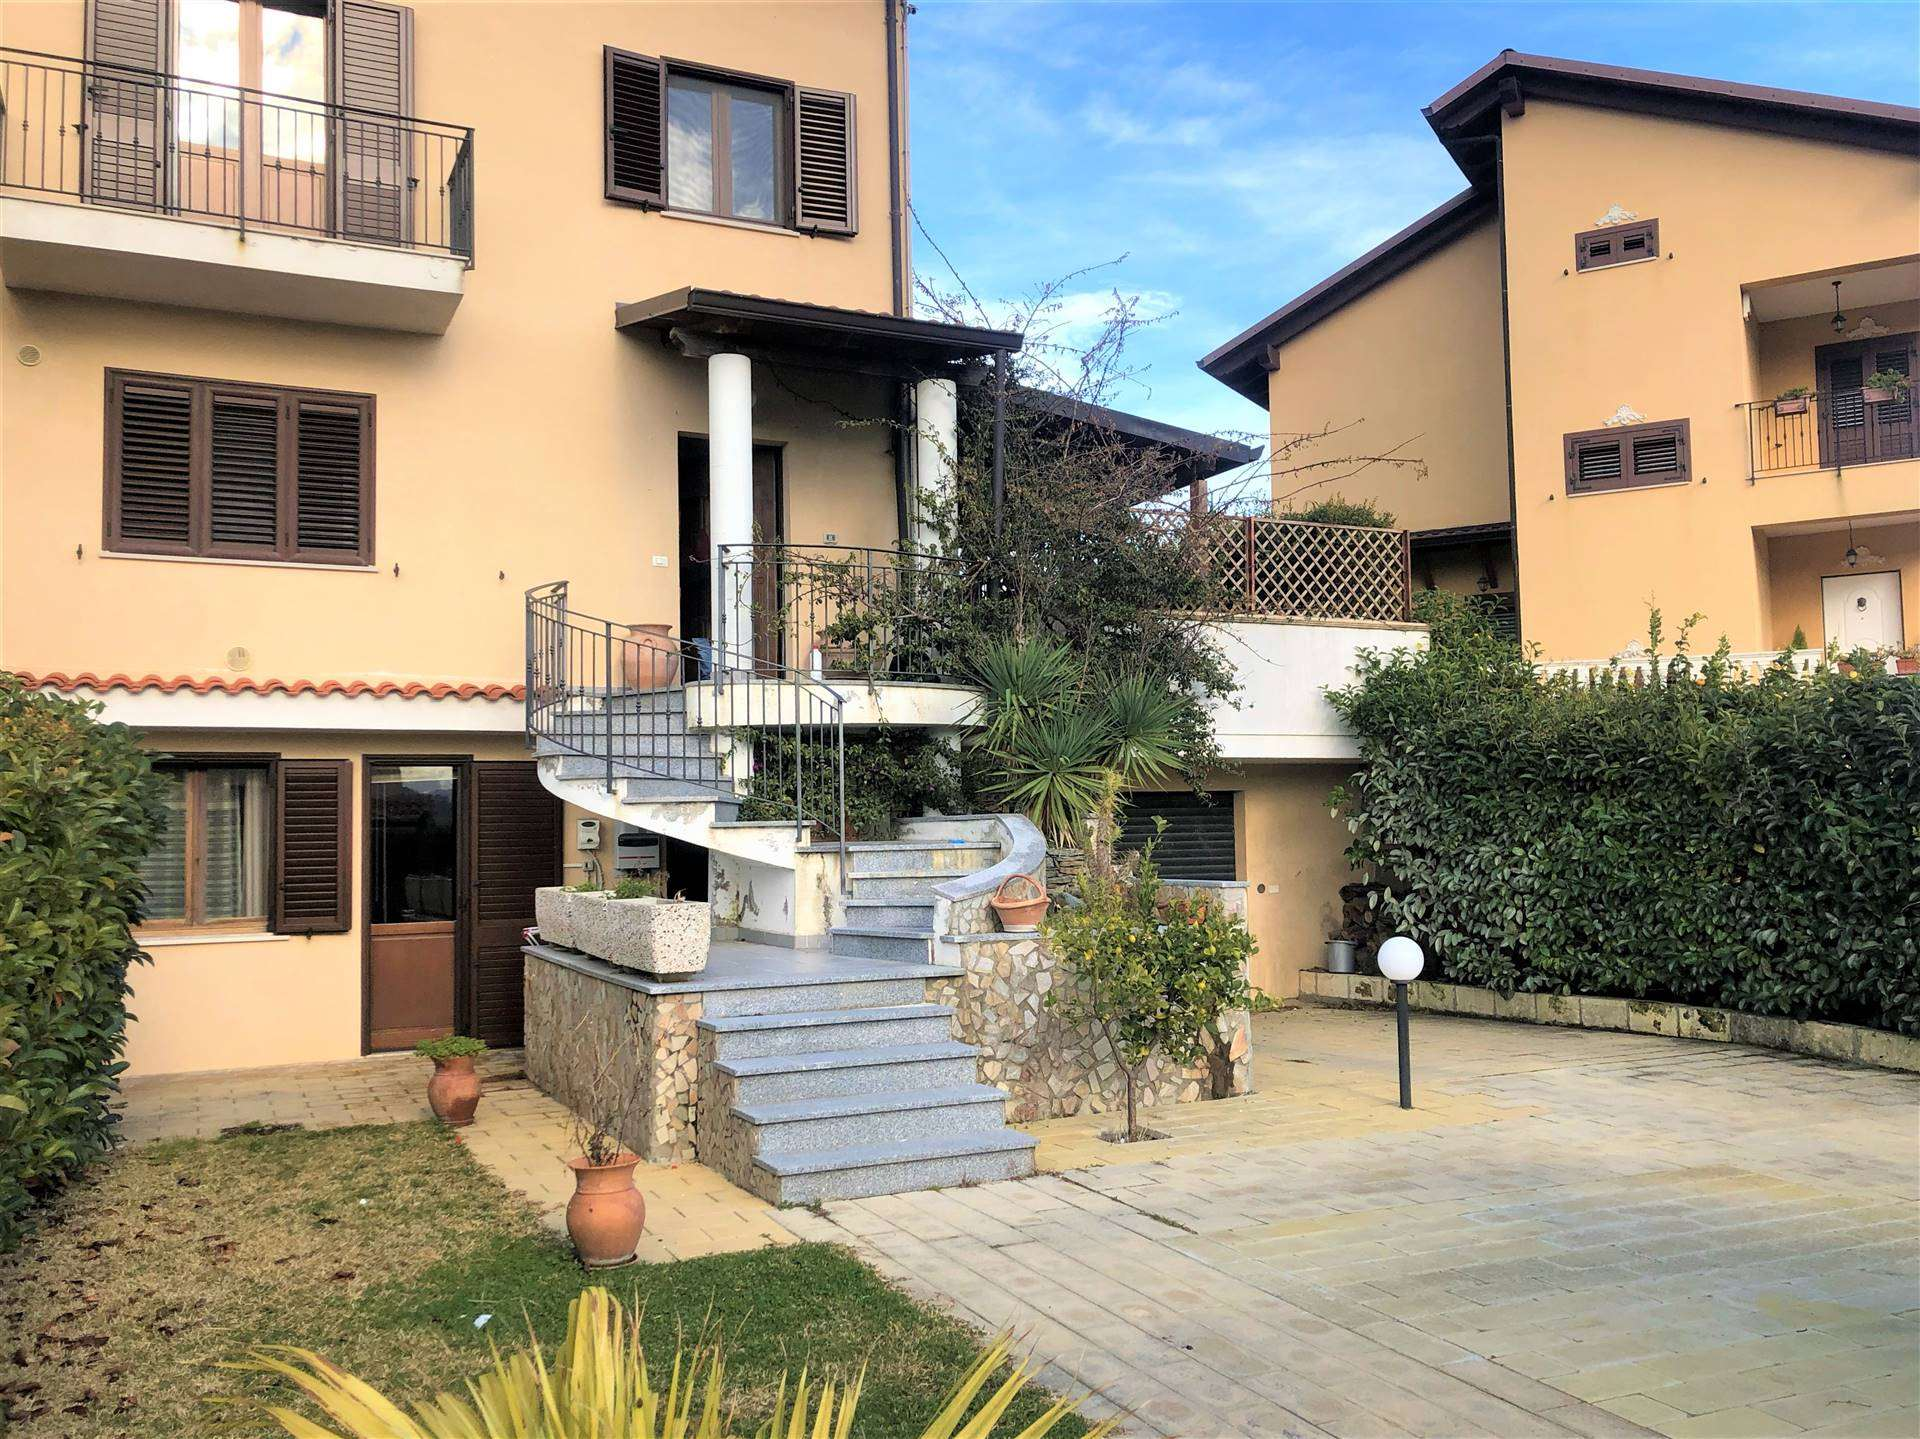 Villa Bifamiliare in vendita a Marcellinara, 5 locali, zona Zona: Licari, prezzo € 250.000 | CambioCasa.it